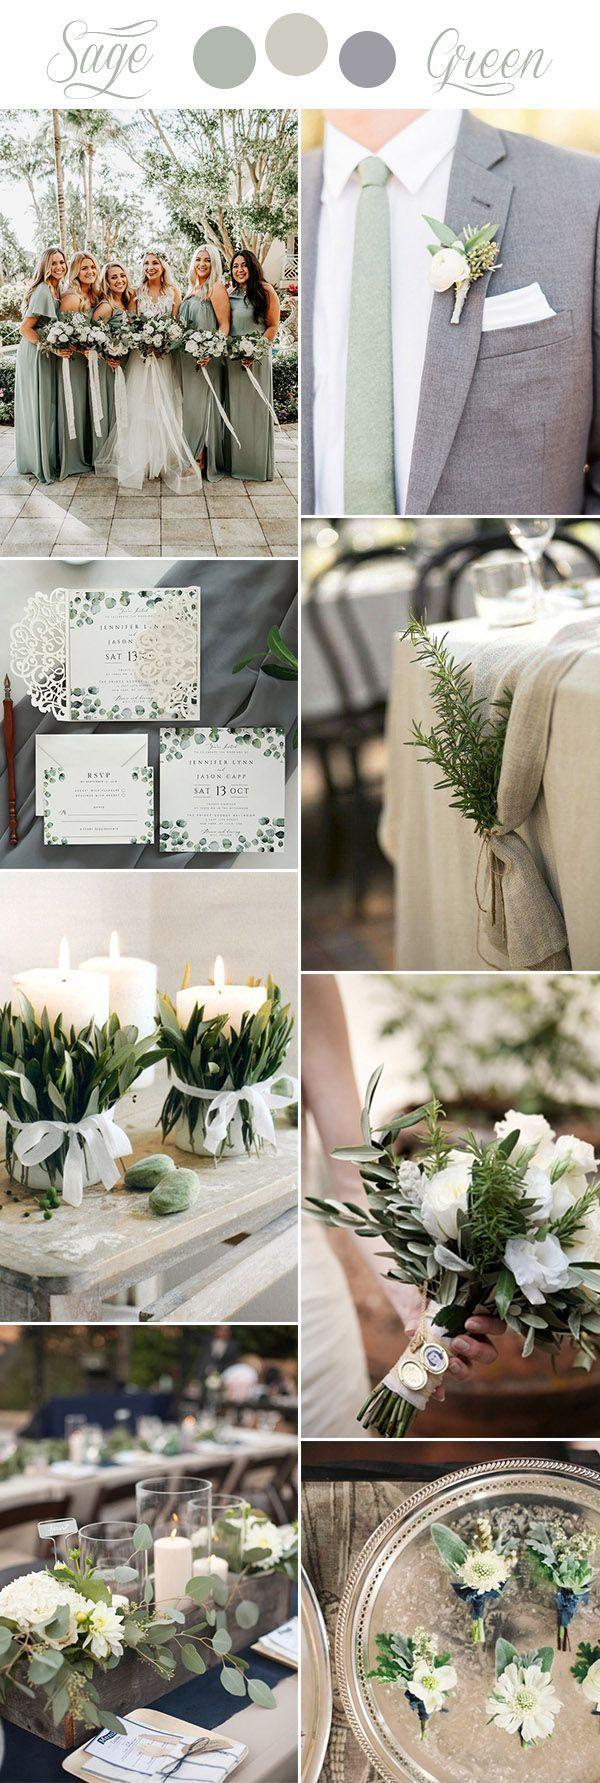 Sage grün, beige und grau rustikal schick Hochzeit Farben #beige #hochzeit